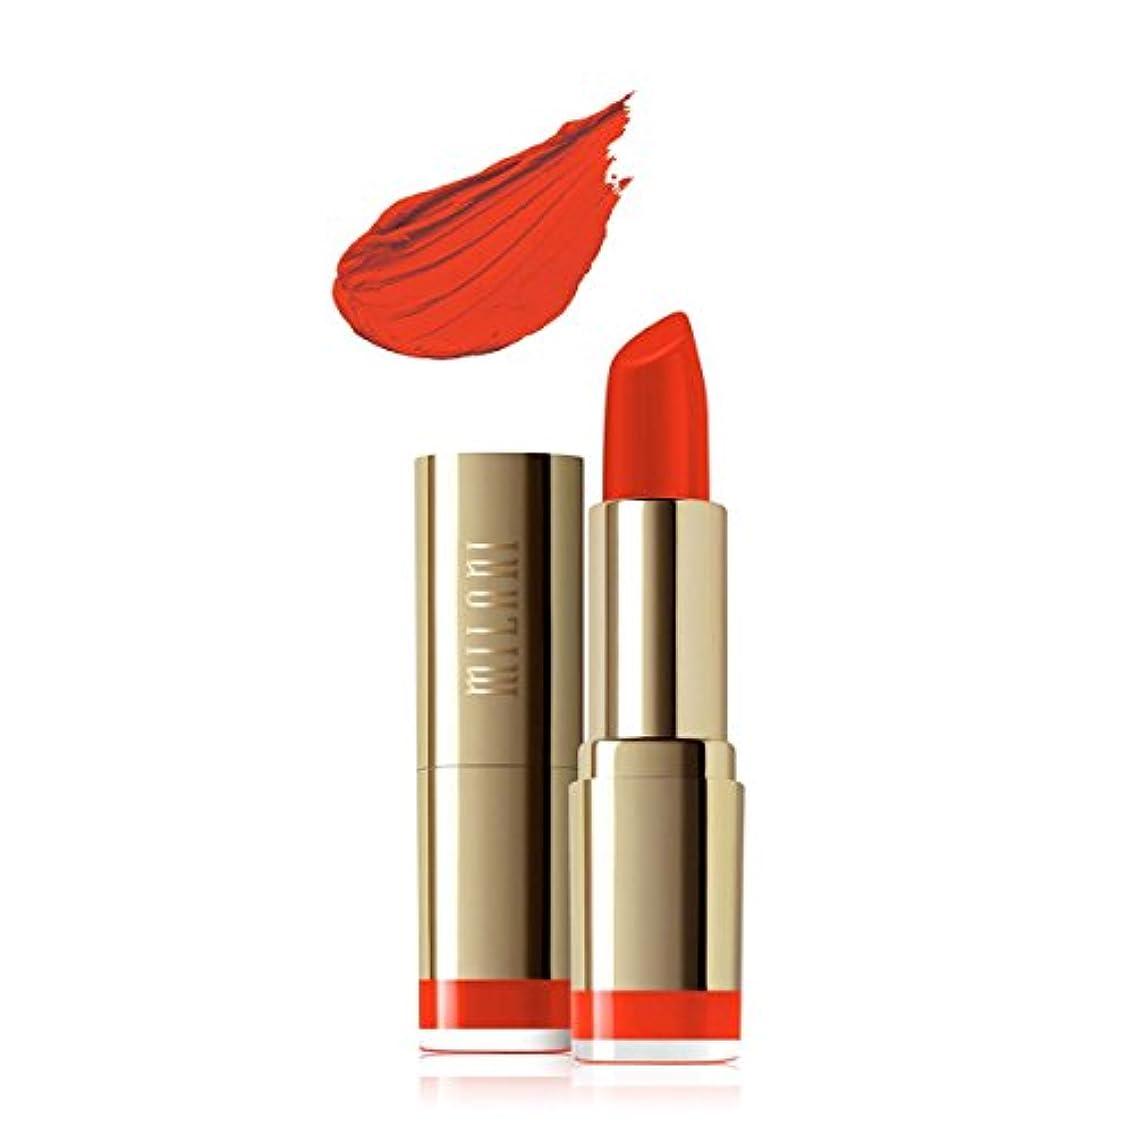 年齢フェザーピルMILANI Color Statement Moisture Matte Lipstick - Matte Passion (Vegan) (並行輸入品)